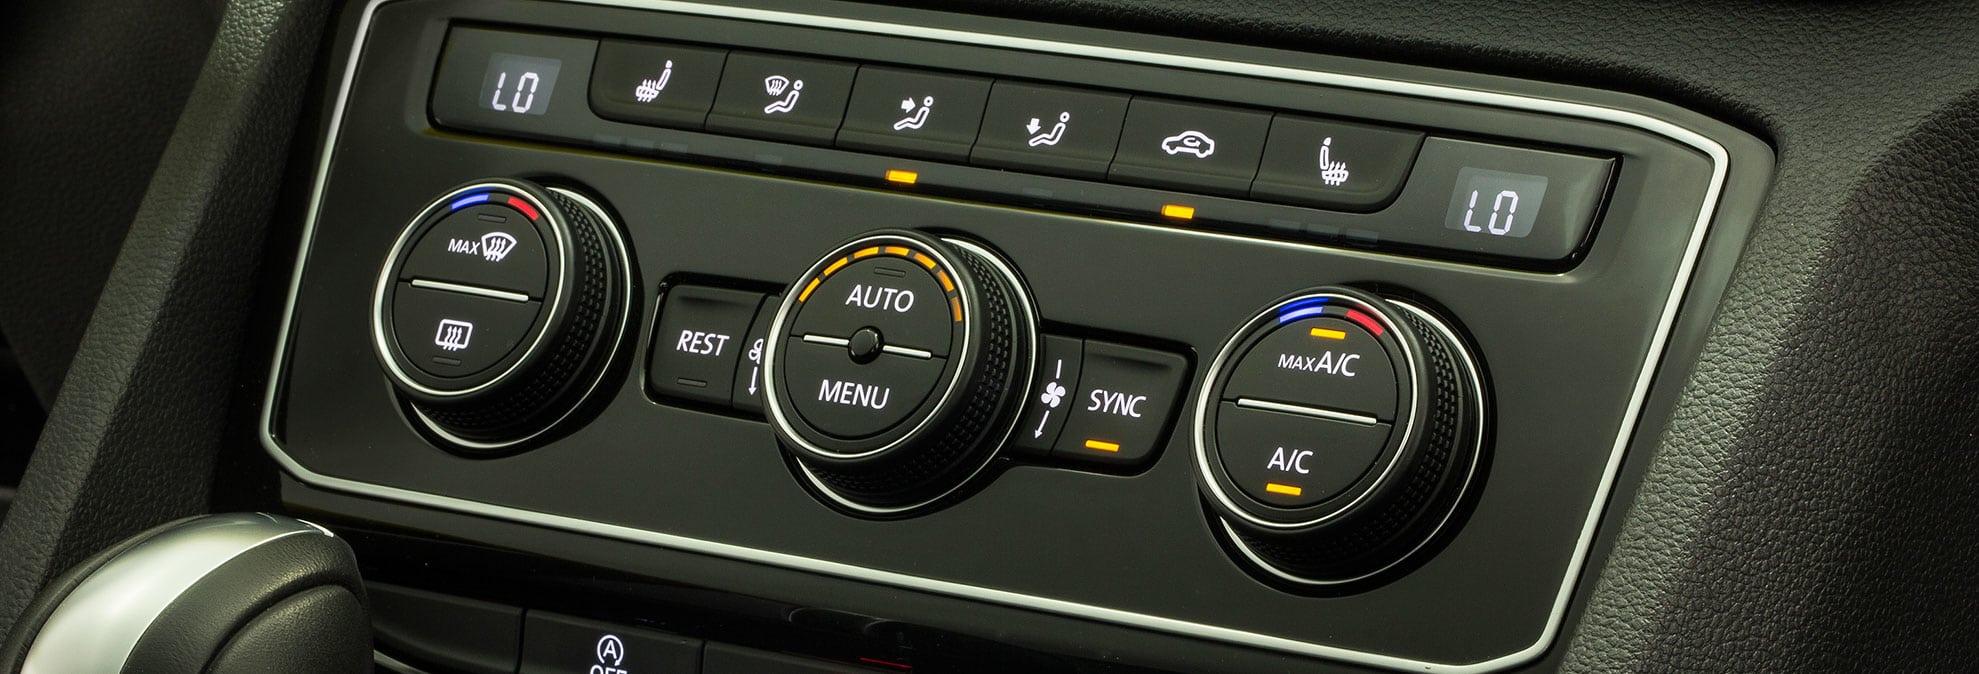 Kontrolna ploča automobila na kojoj je vidljiva upaljena klima auta